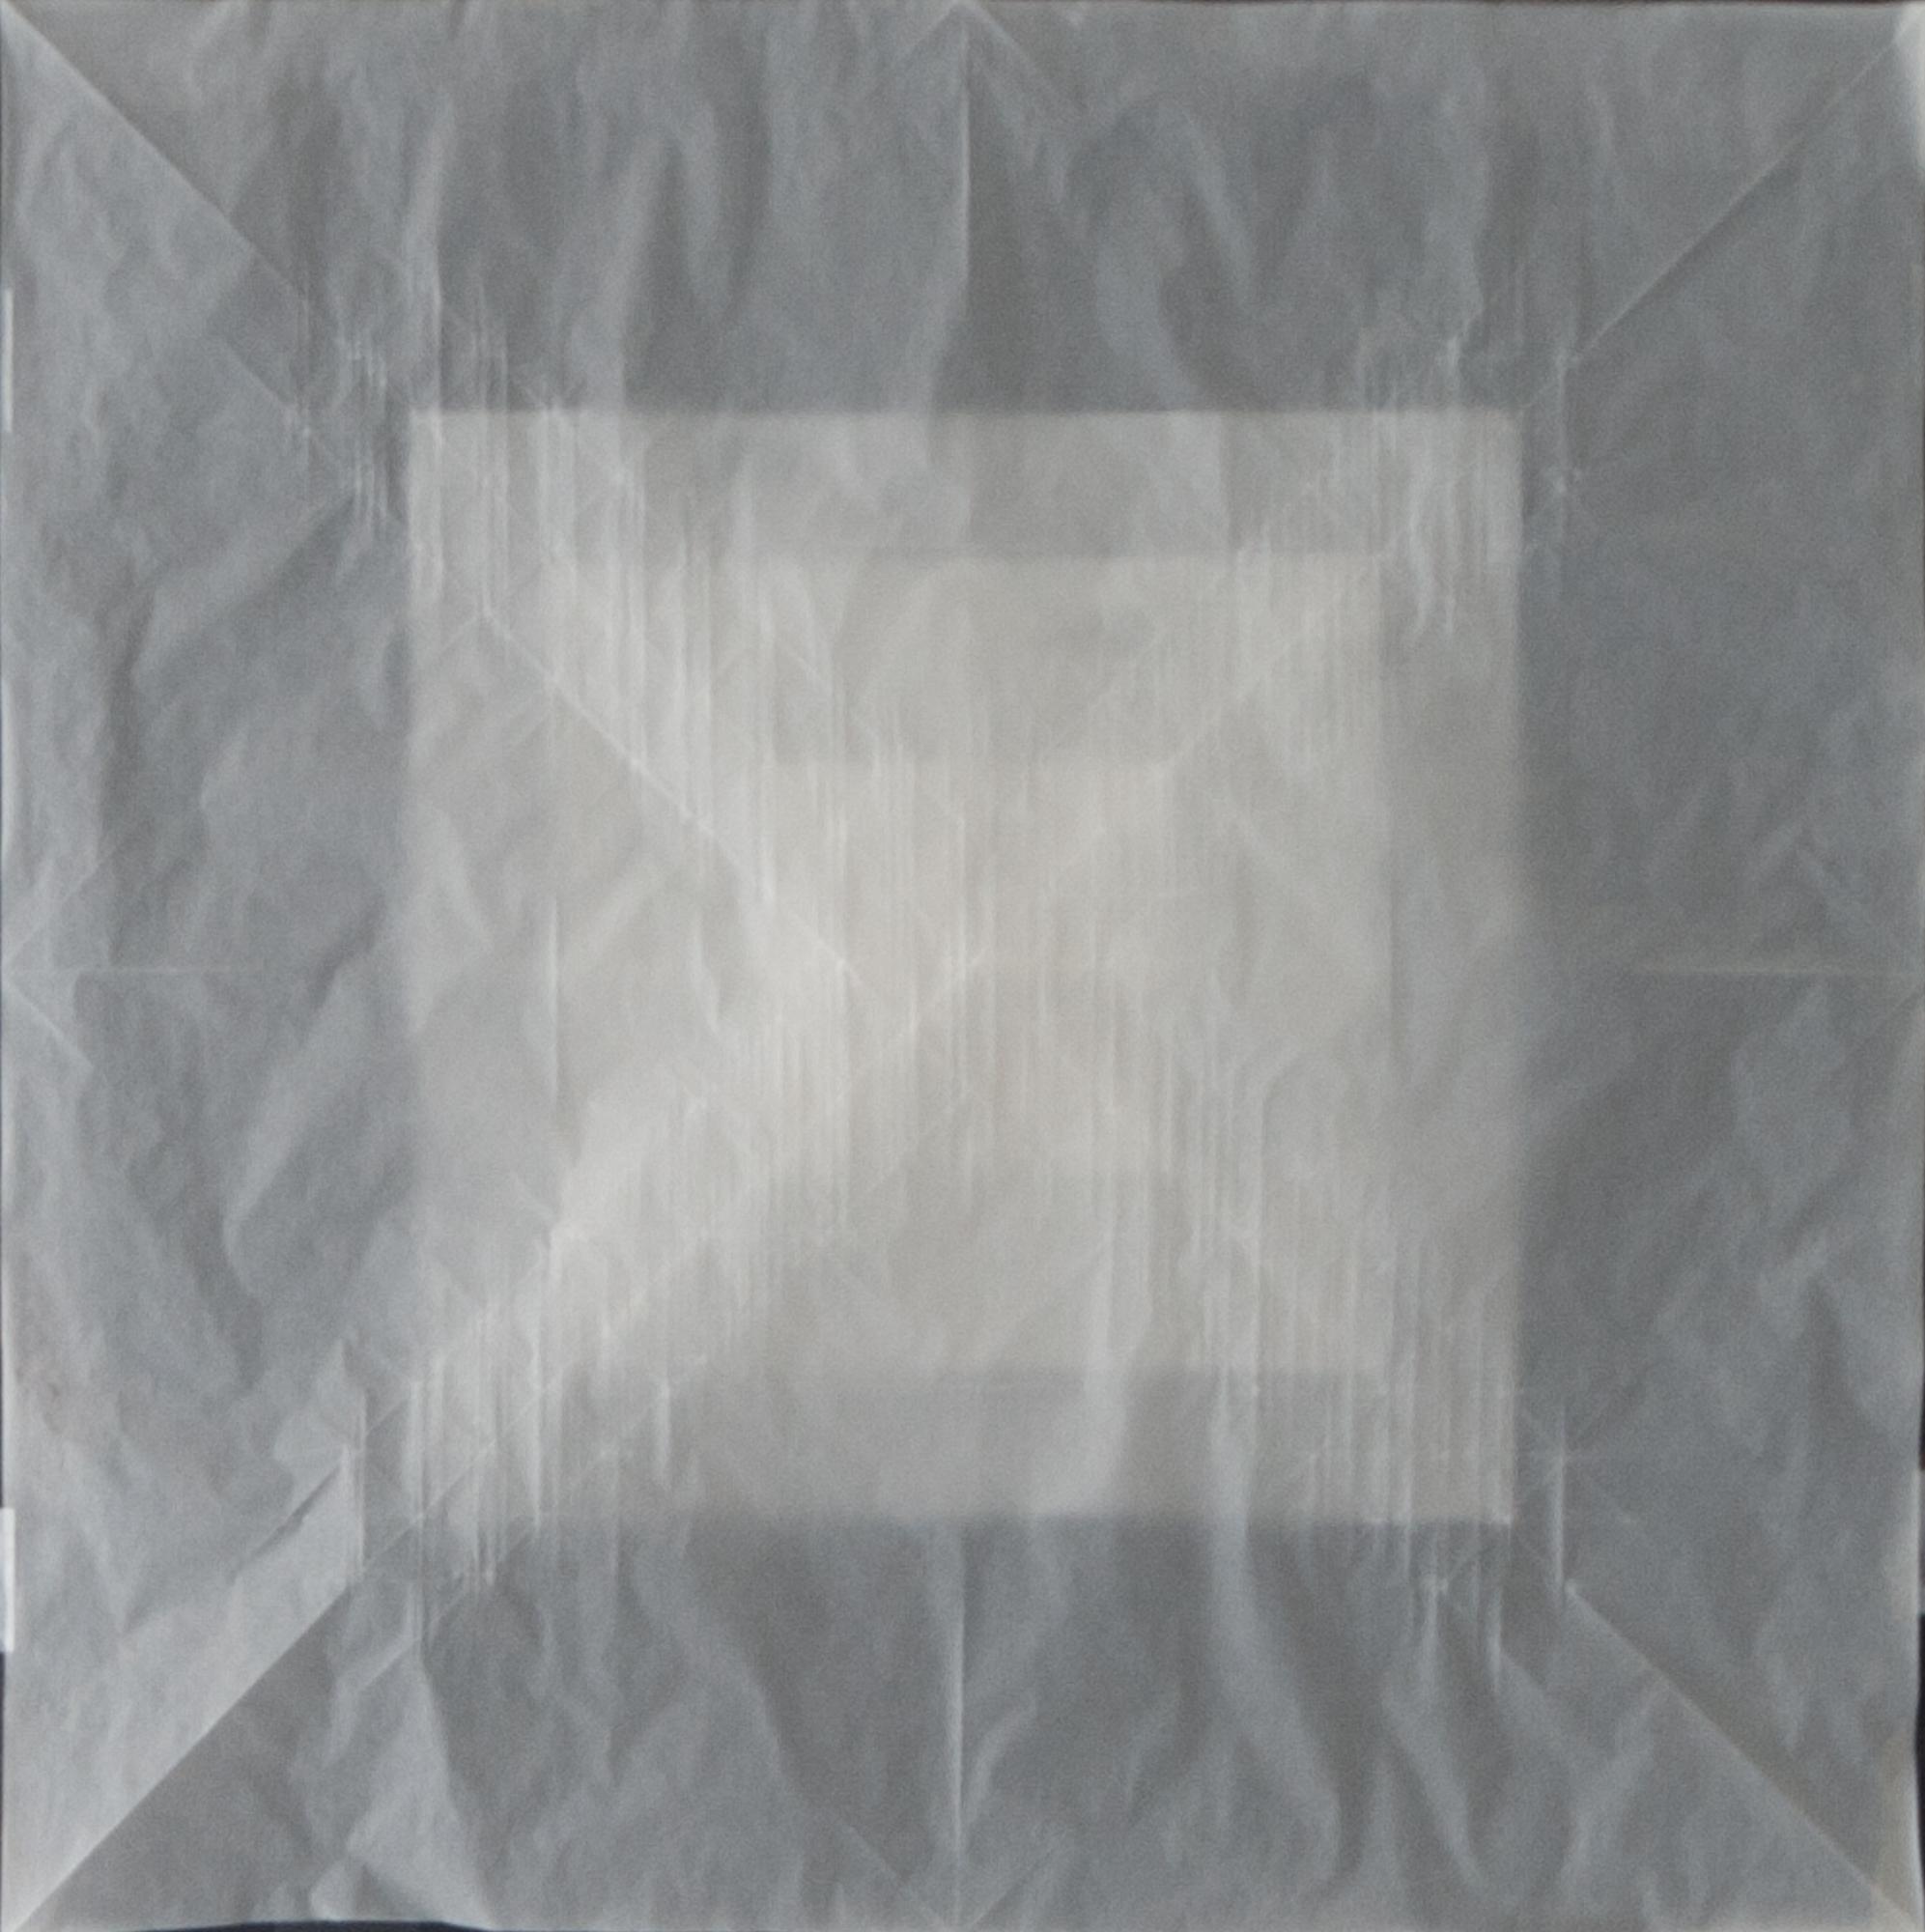 Kyncl_Galerie_Zavodny_3.jpg